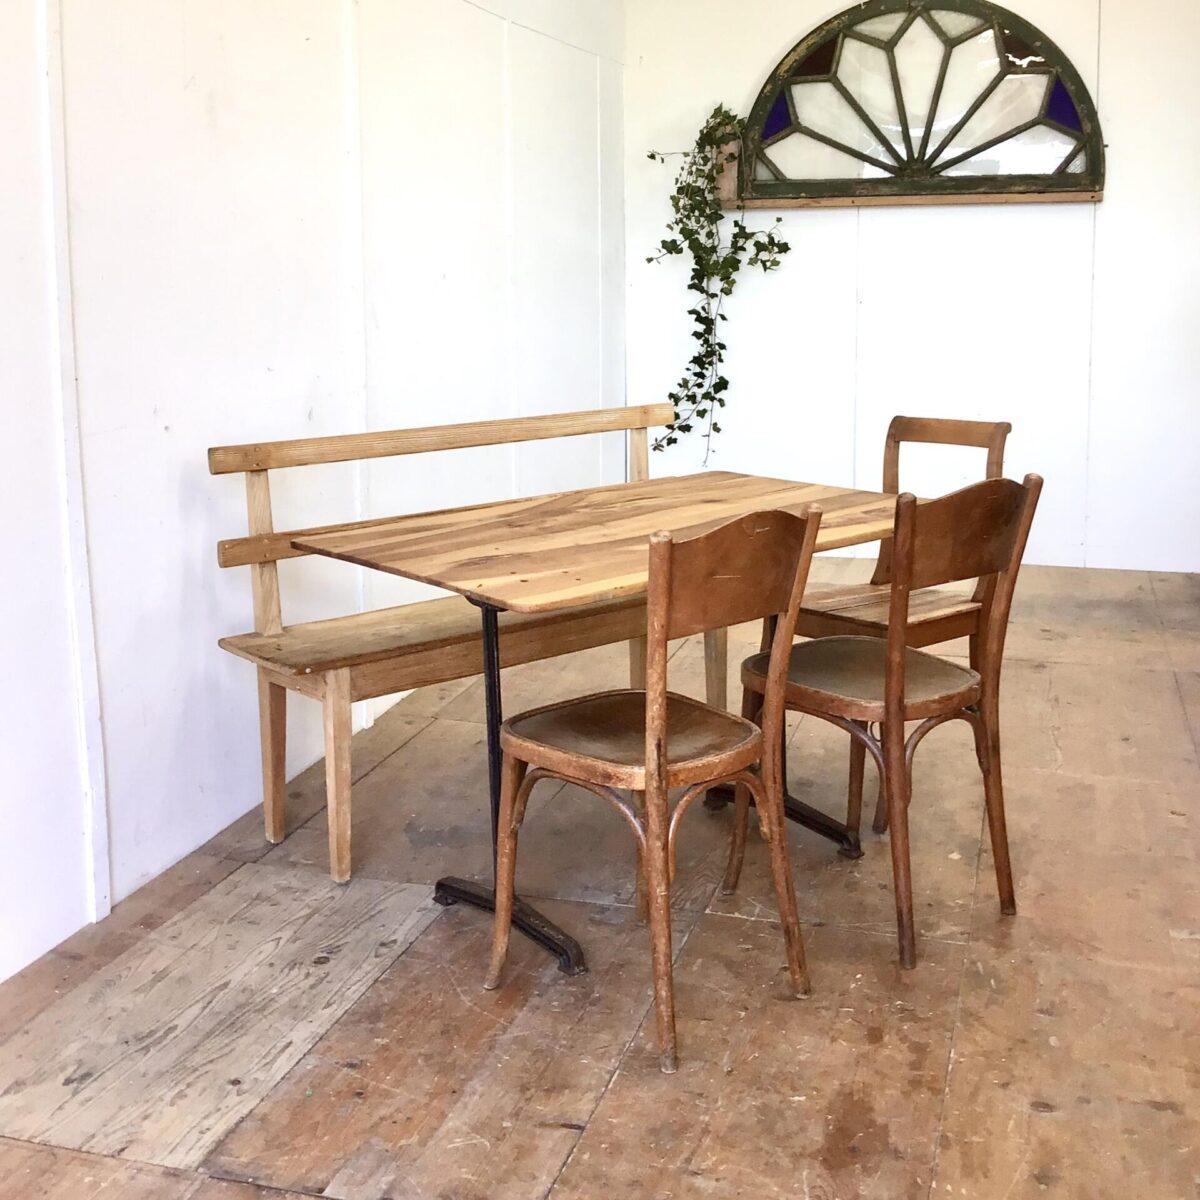 Deuxieme.shop Nussbaum Tisch mit antiken Gussfüssen 118.5x77.5cm Höhe 74.5cm. Leicht verschieden dickes Tischblatt aus Nussbaumholz, mit französischen Gussfüssen. Dieser kleinere Beizentisch strahlt Romantisches Bistro Flair aus. Warme Lebhafte Holzmaserung mit Naturöl behandelt.